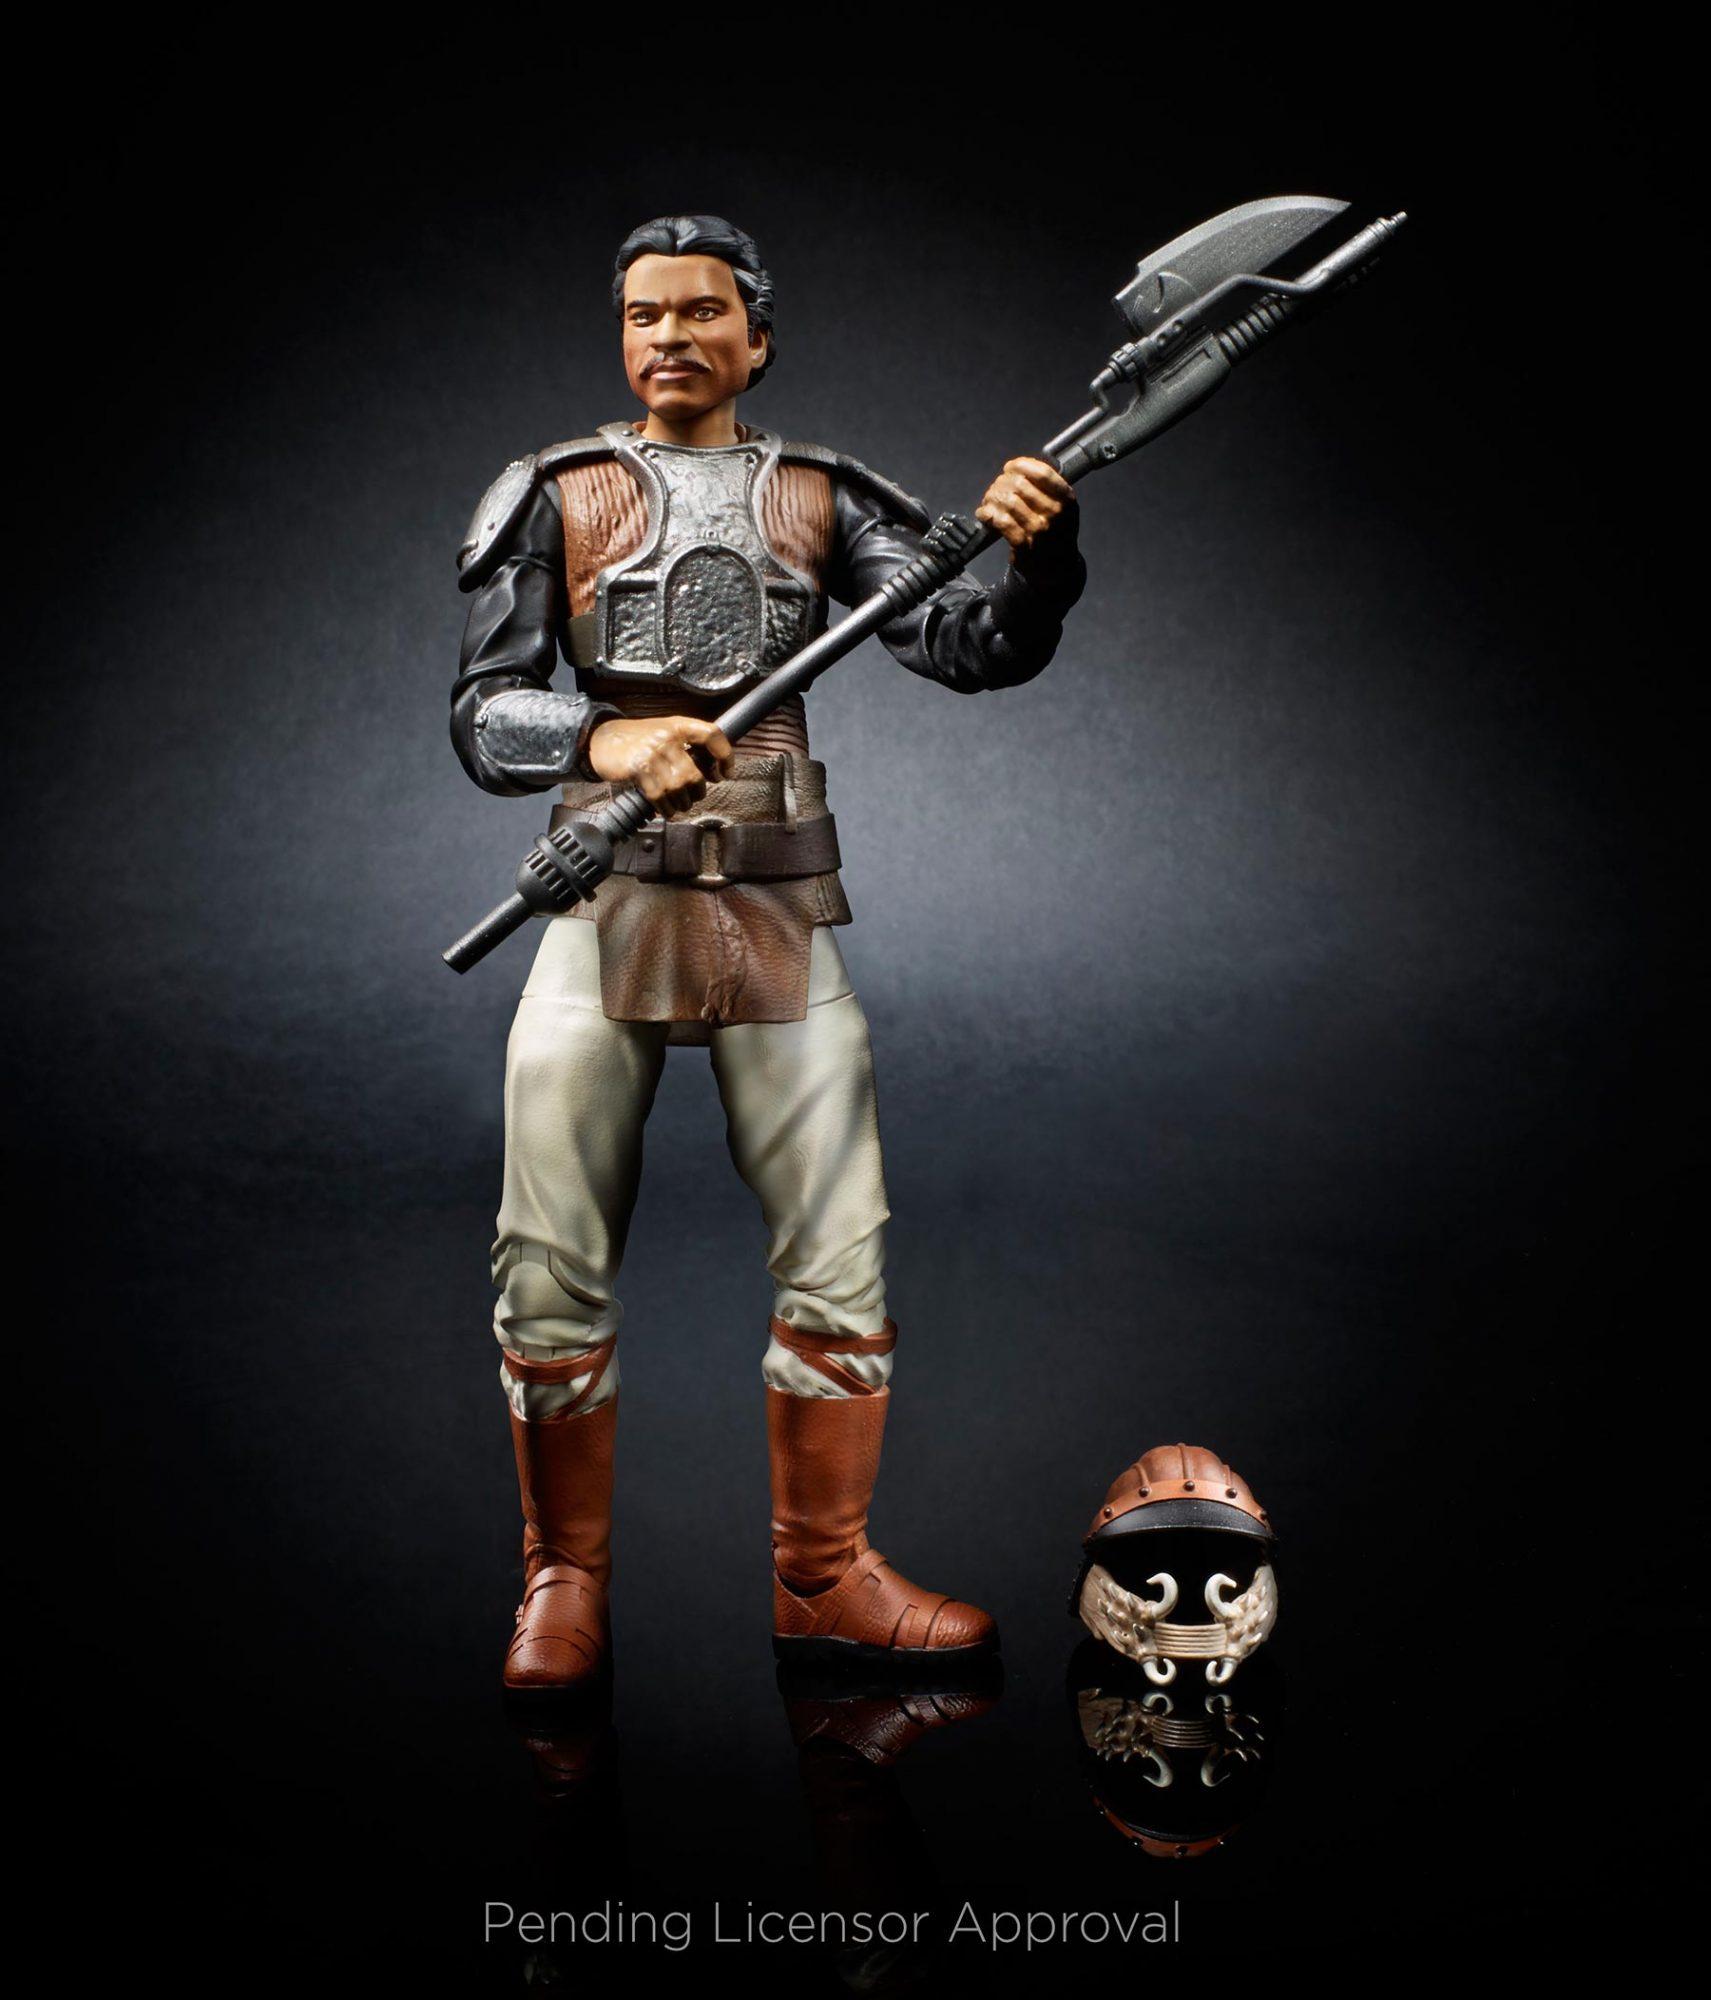 Star Wars The Last Jedi Toys